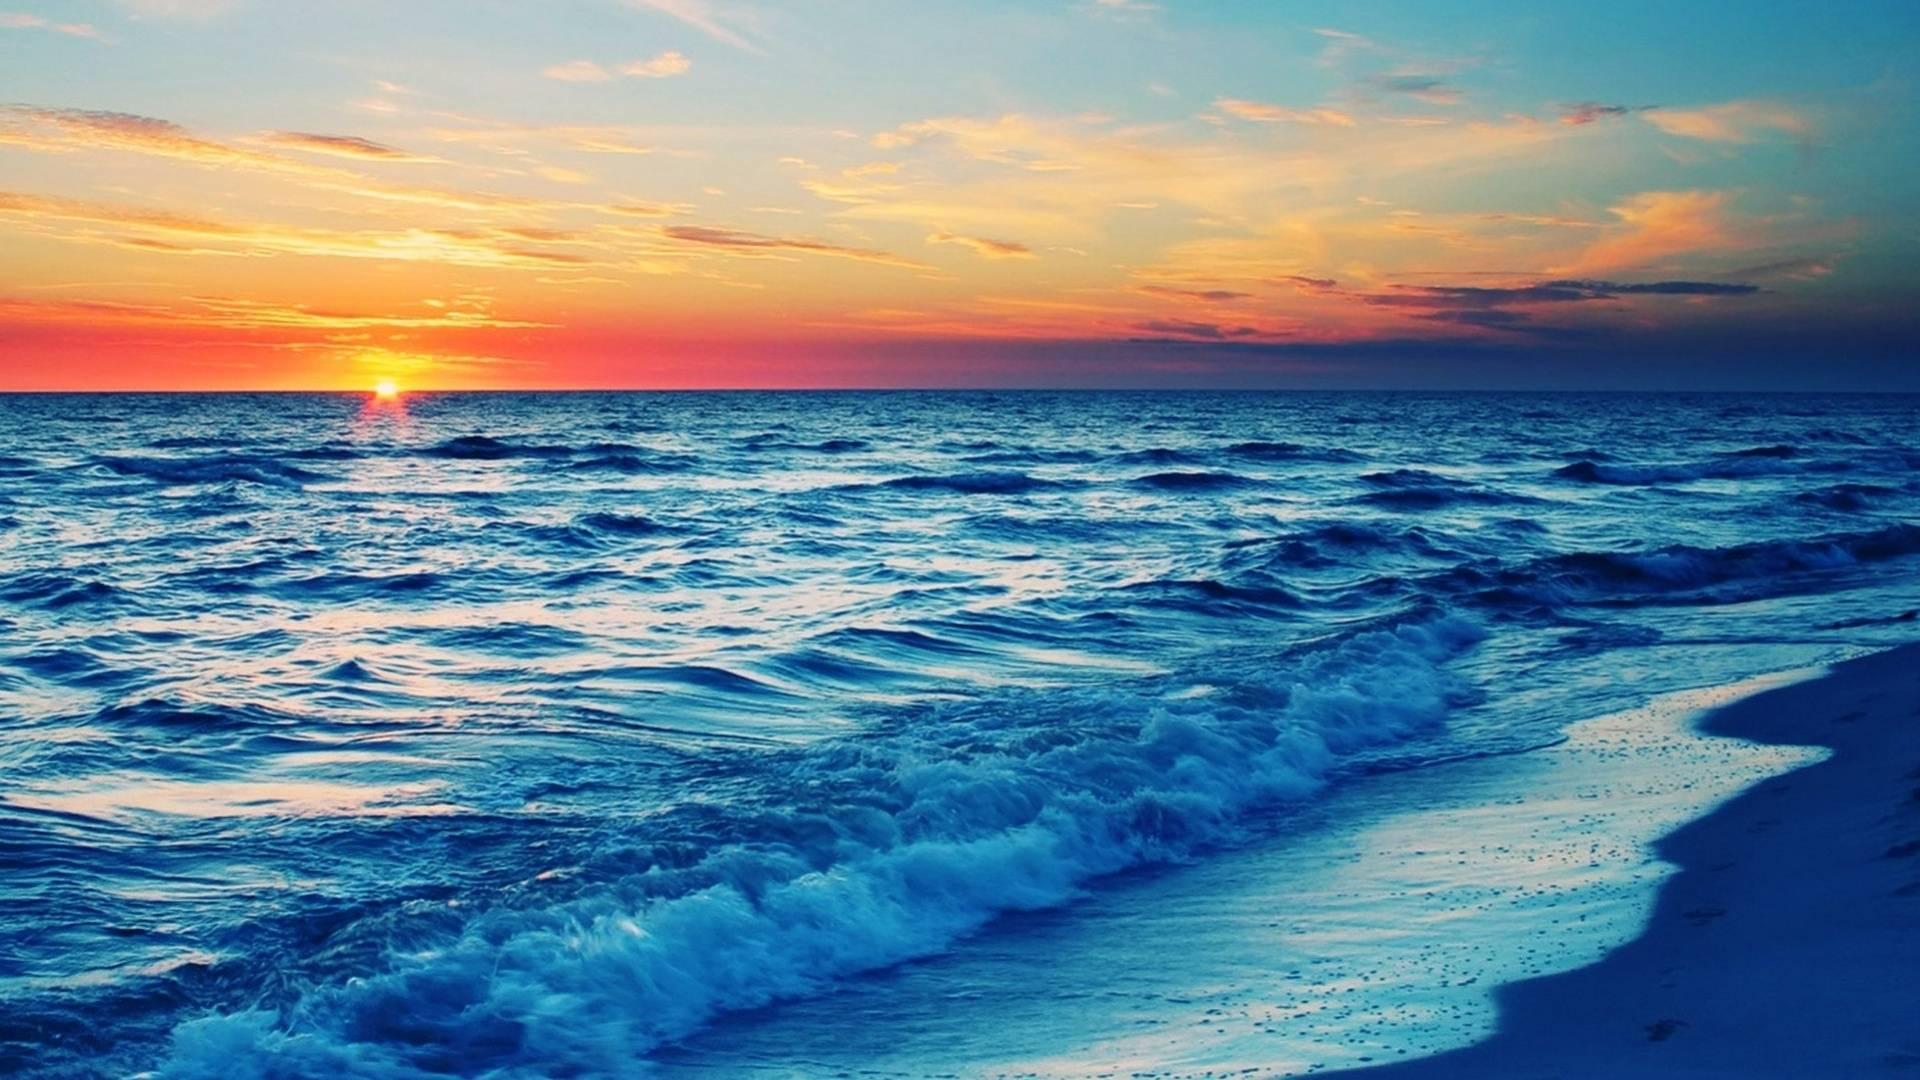 可入住【惠州】下楼就是海,五一、端午一口价,288抢融创一线豪华海景房,这里不限行,一起来海边看日出吧~